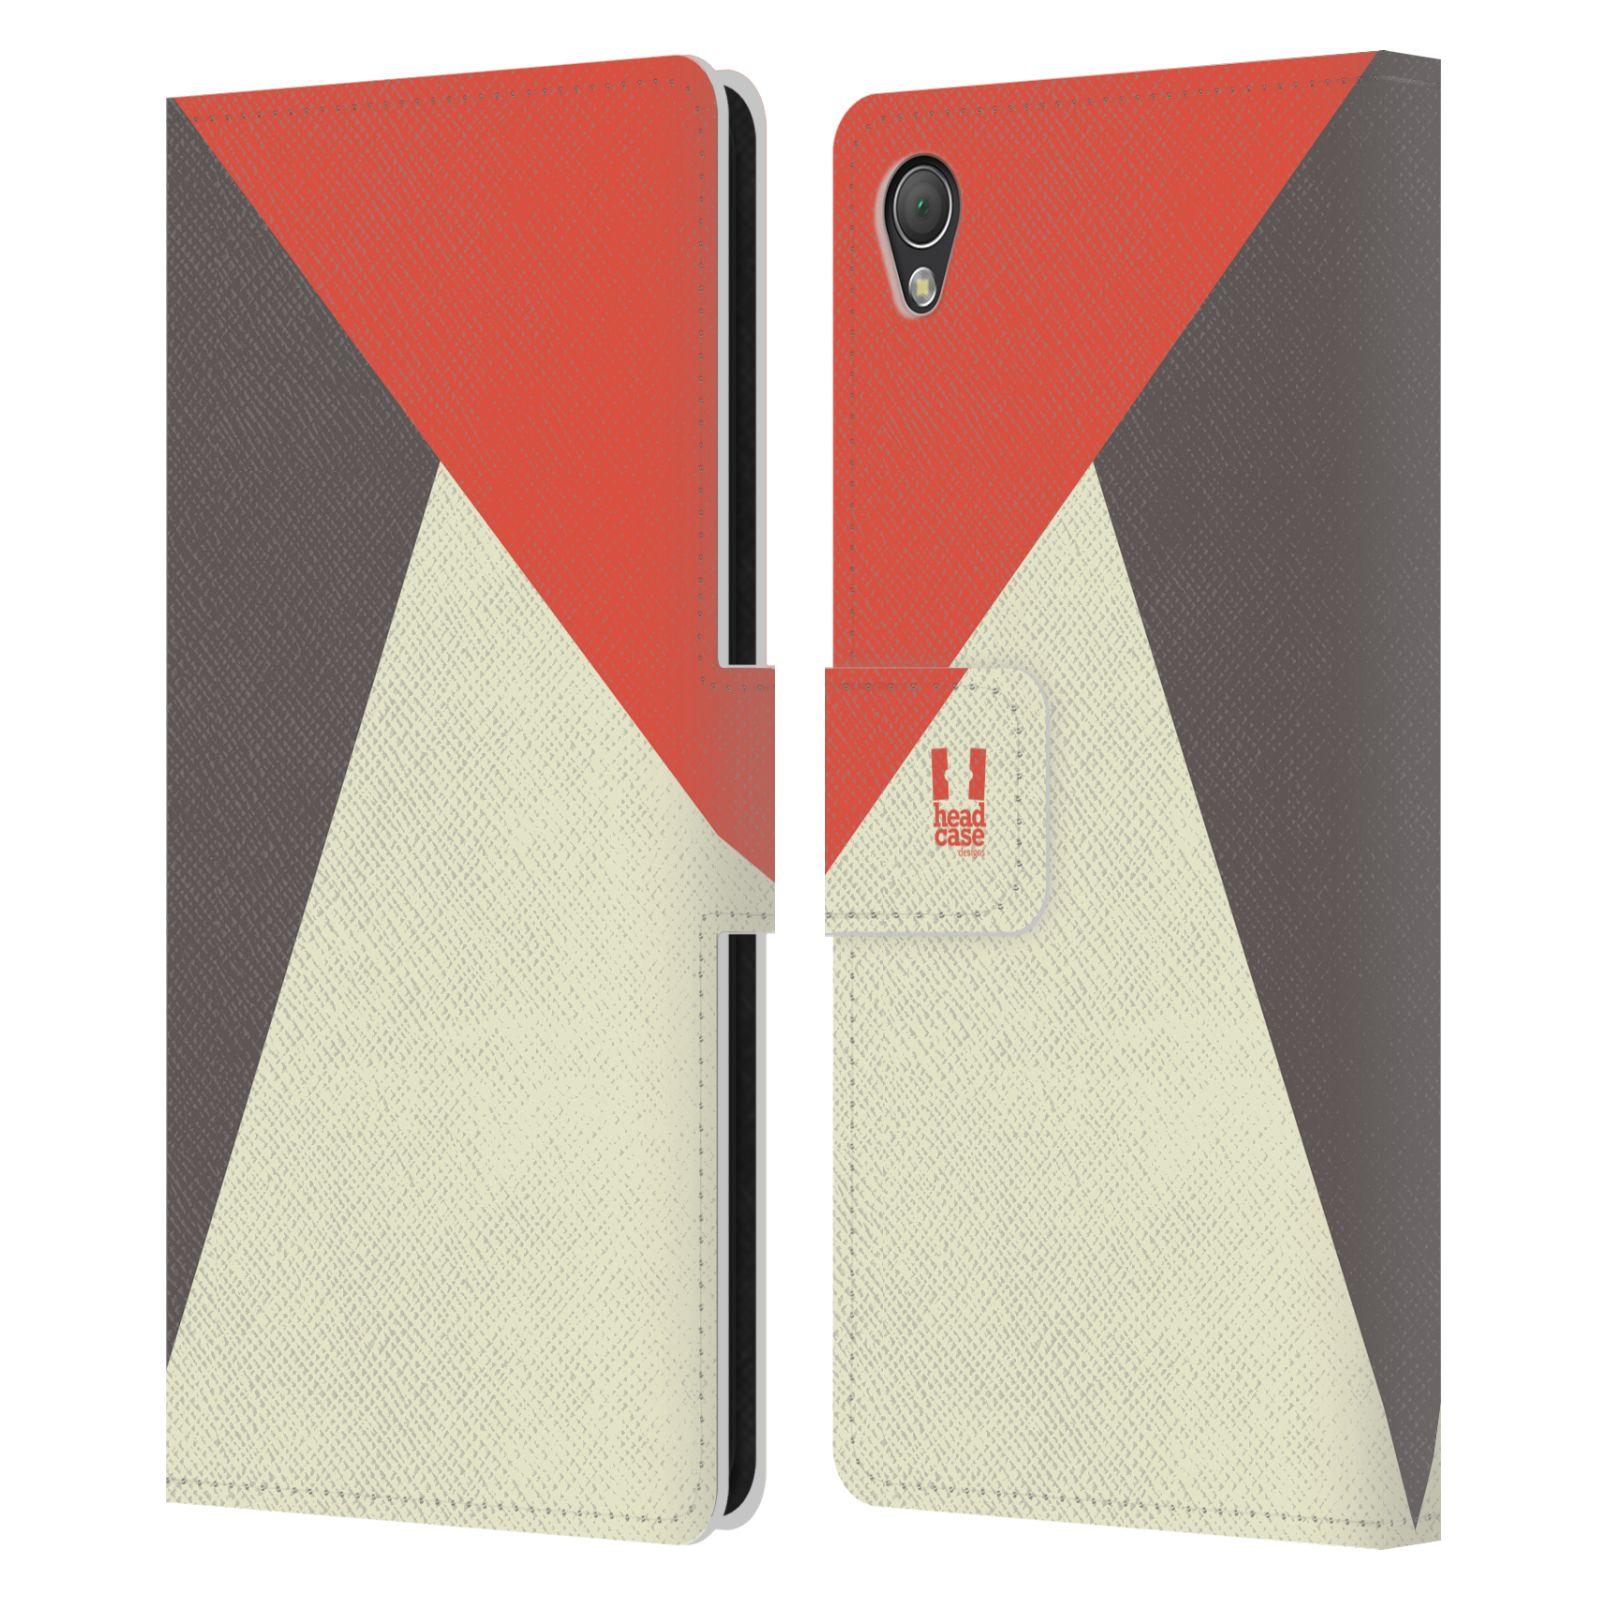 HEAD CASE Flipové pouzdro pro mobil SONY XPERIA Z3 barevné tvary červená a šedá COOL